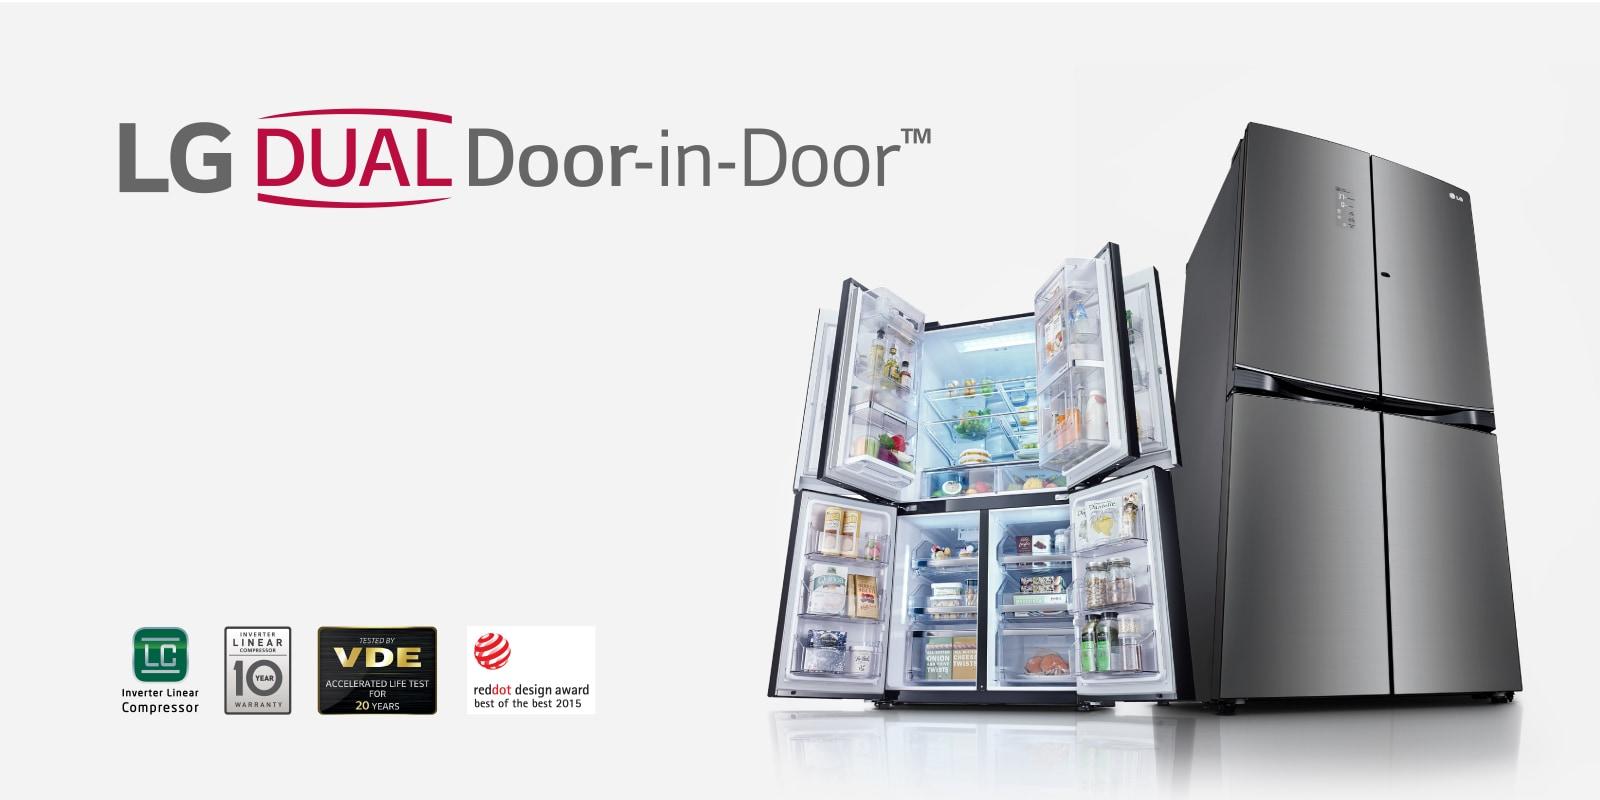 french door side by side refrigerators lg sa. Black Bedroom Furniture Sets. Home Design Ideas